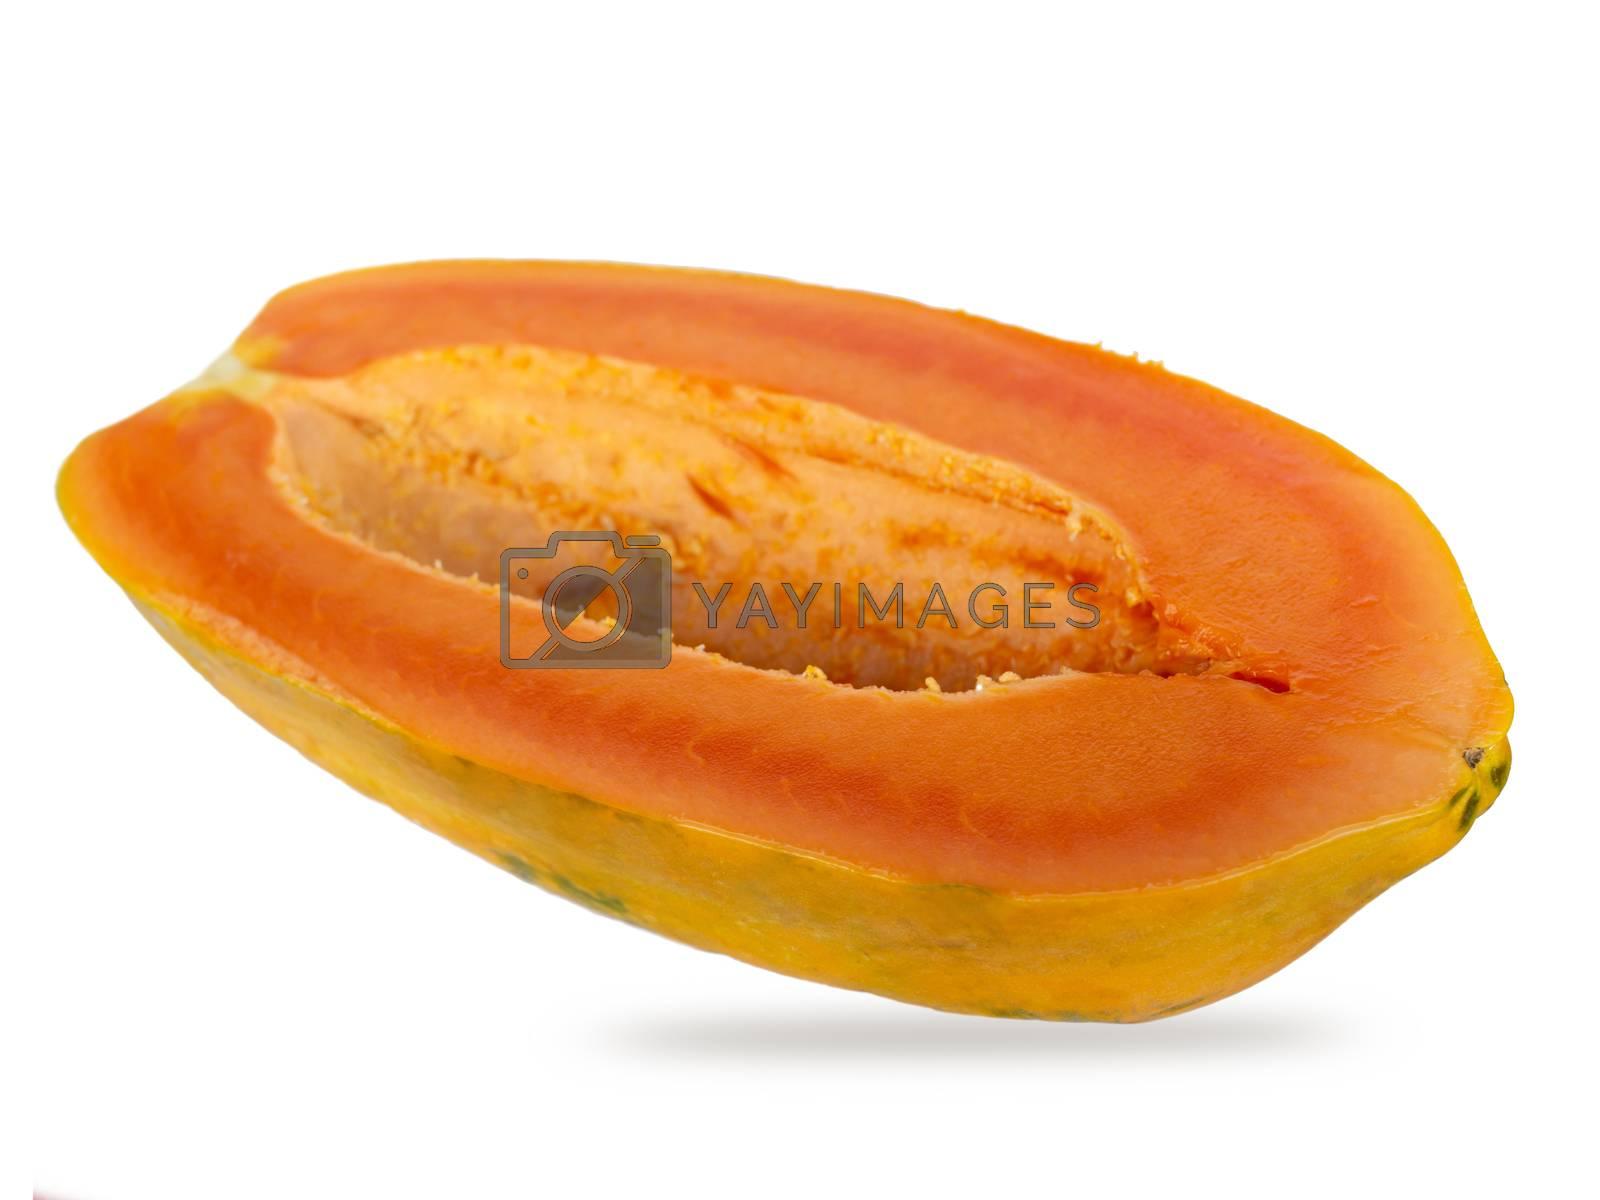 Orange half papaya isolated from white background